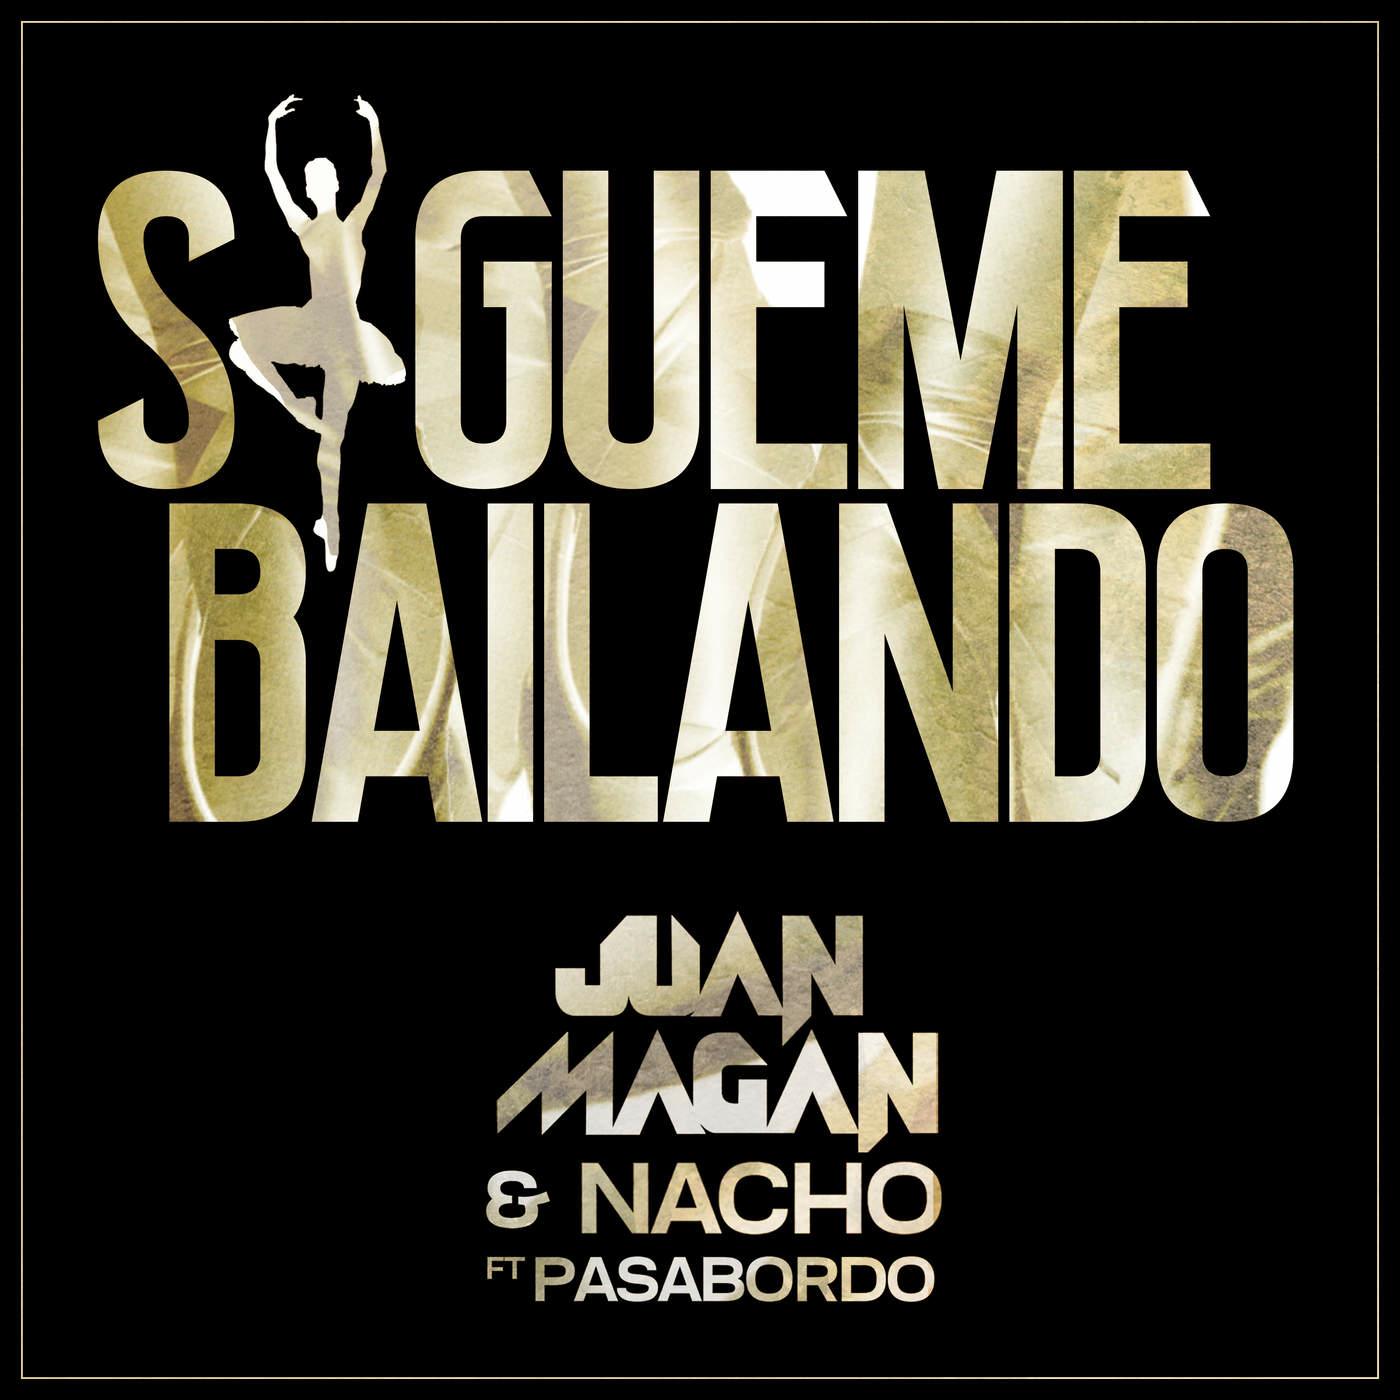 Juan Magan Ft. Nacho, Pasabordo - Sígueme Bailando MP3